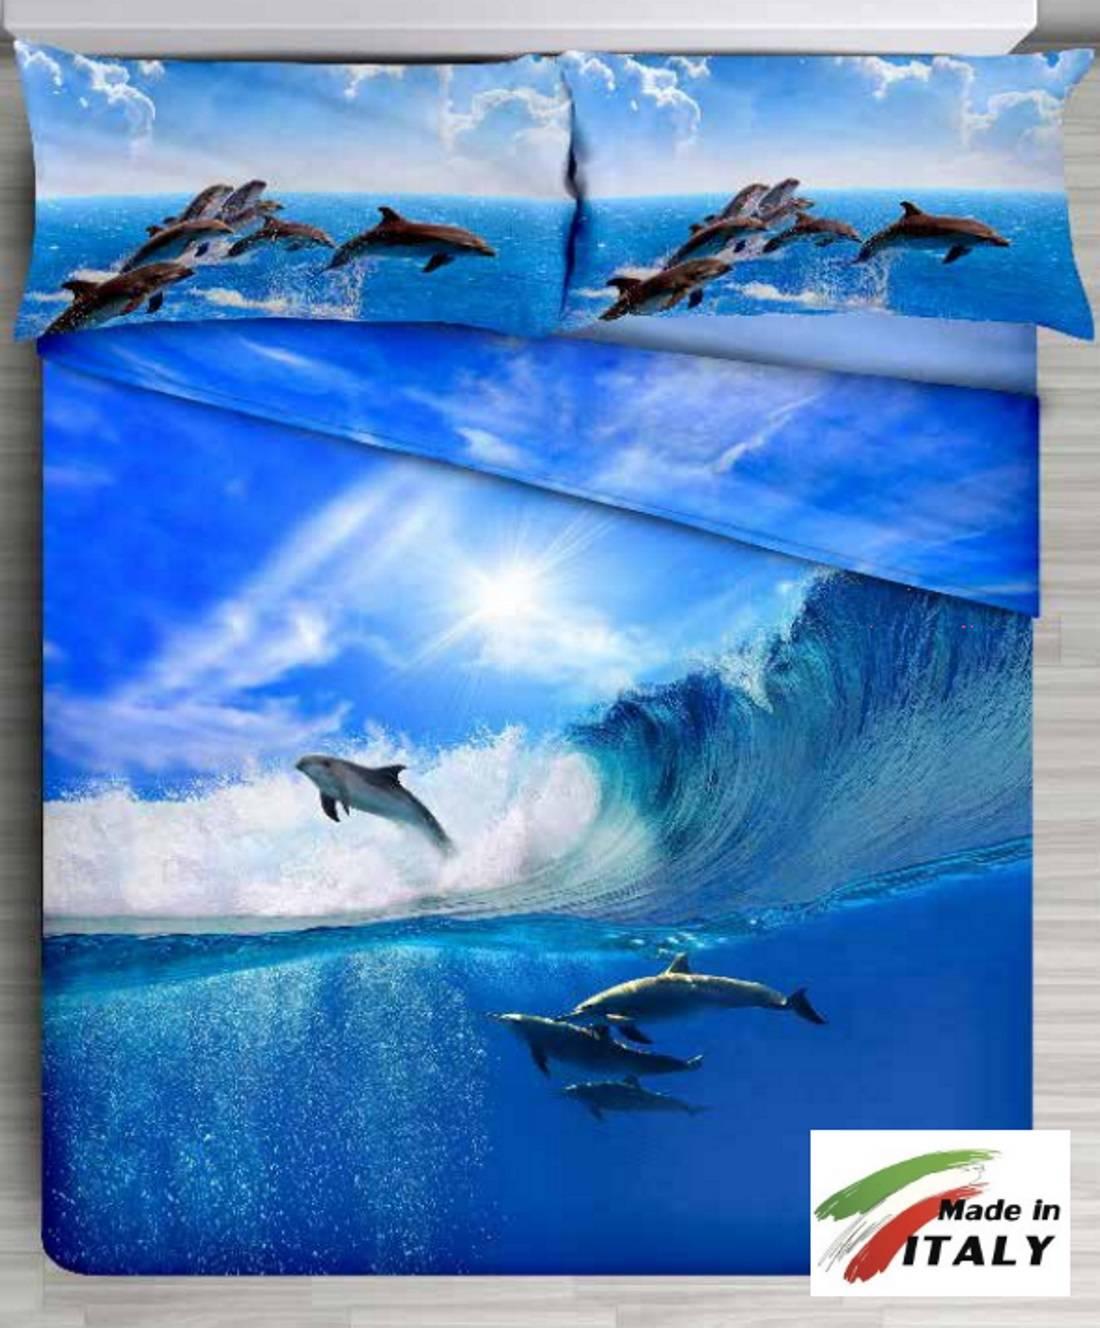 Lenzuolo Copriletto Stampa Digitale Delfini 3d Made In Italy